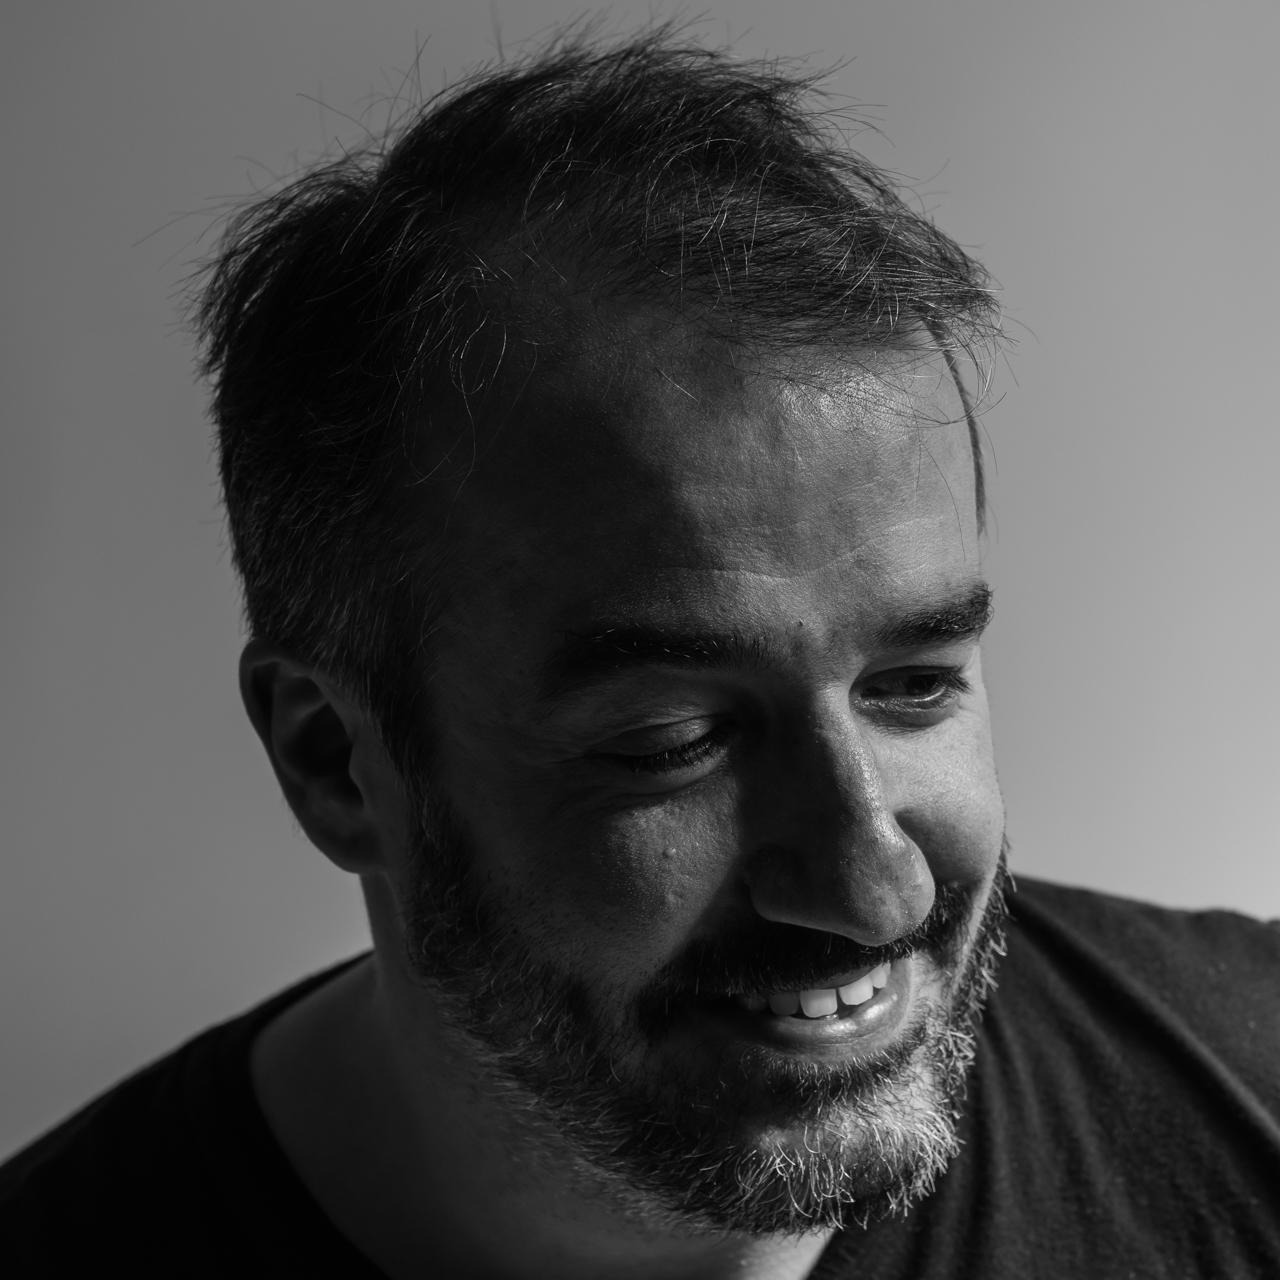 Sobre Rodrigo Martin - Fotógrafo de Família - São Paulo